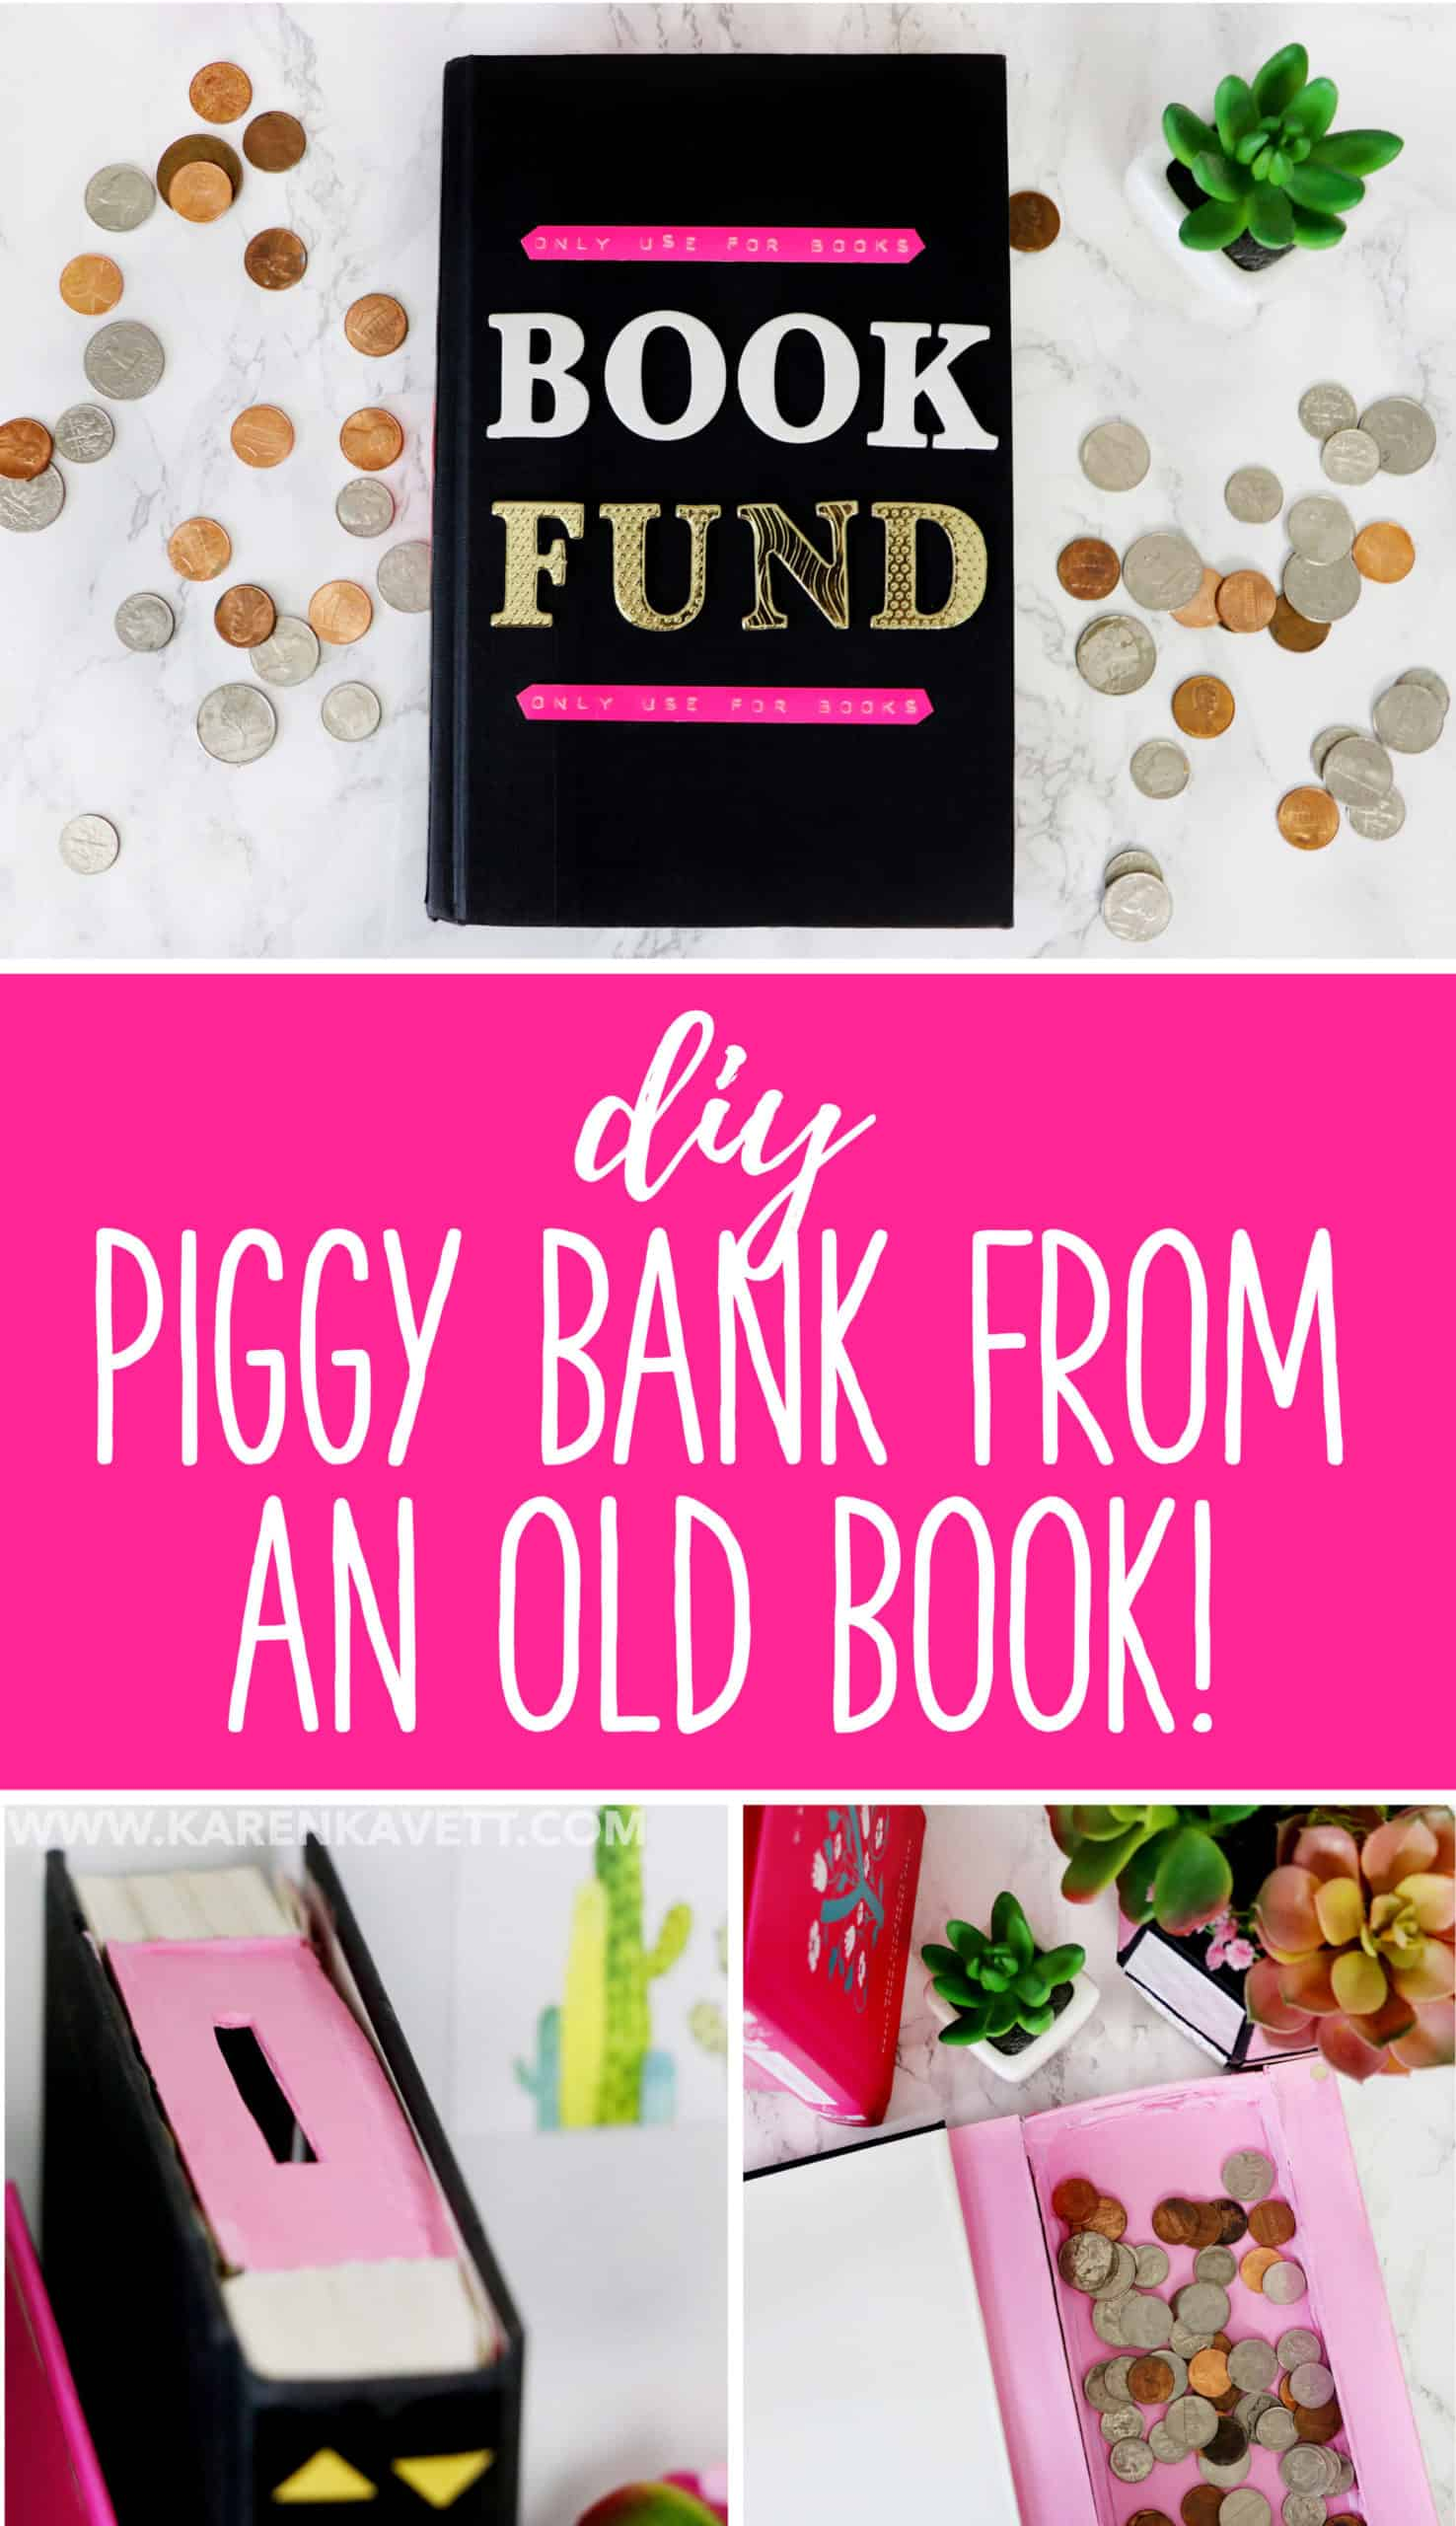 DIY book piggybank